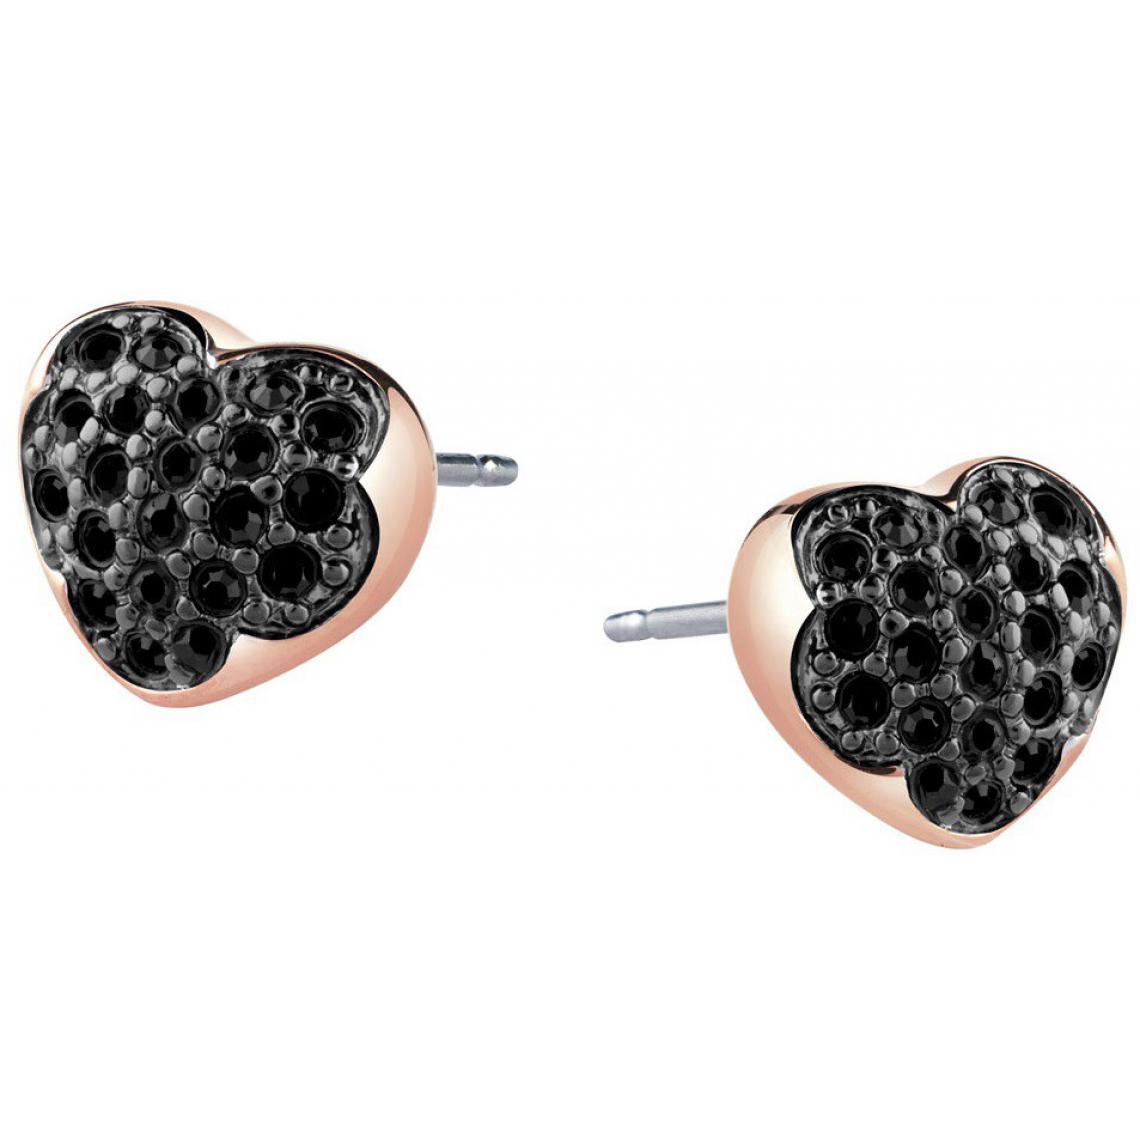 Boucles d'oreilles Guess UBE71516 - Boucles d'oreilles Coeurs Cristaux Guess Bijoux - 3 suisses - Modalova